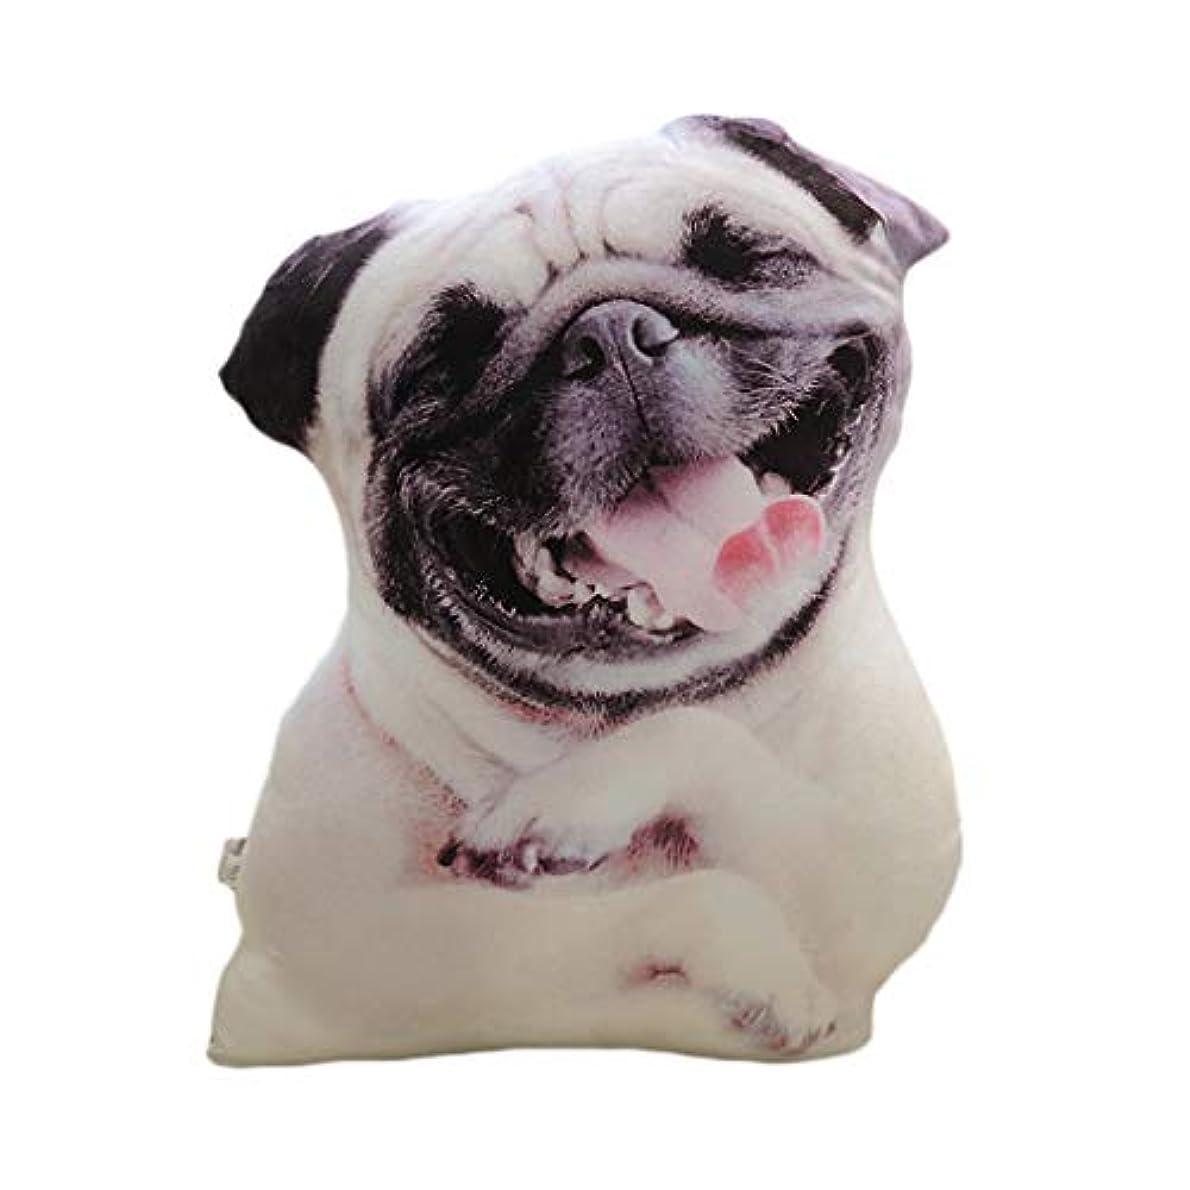 散る最適アクロバットLIFE 装飾クッションソファおかしい 3D 犬印刷スロー枕創造クッションかわいいぬいぐるみギフト家の装飾 coussin decoratif クッション 椅子